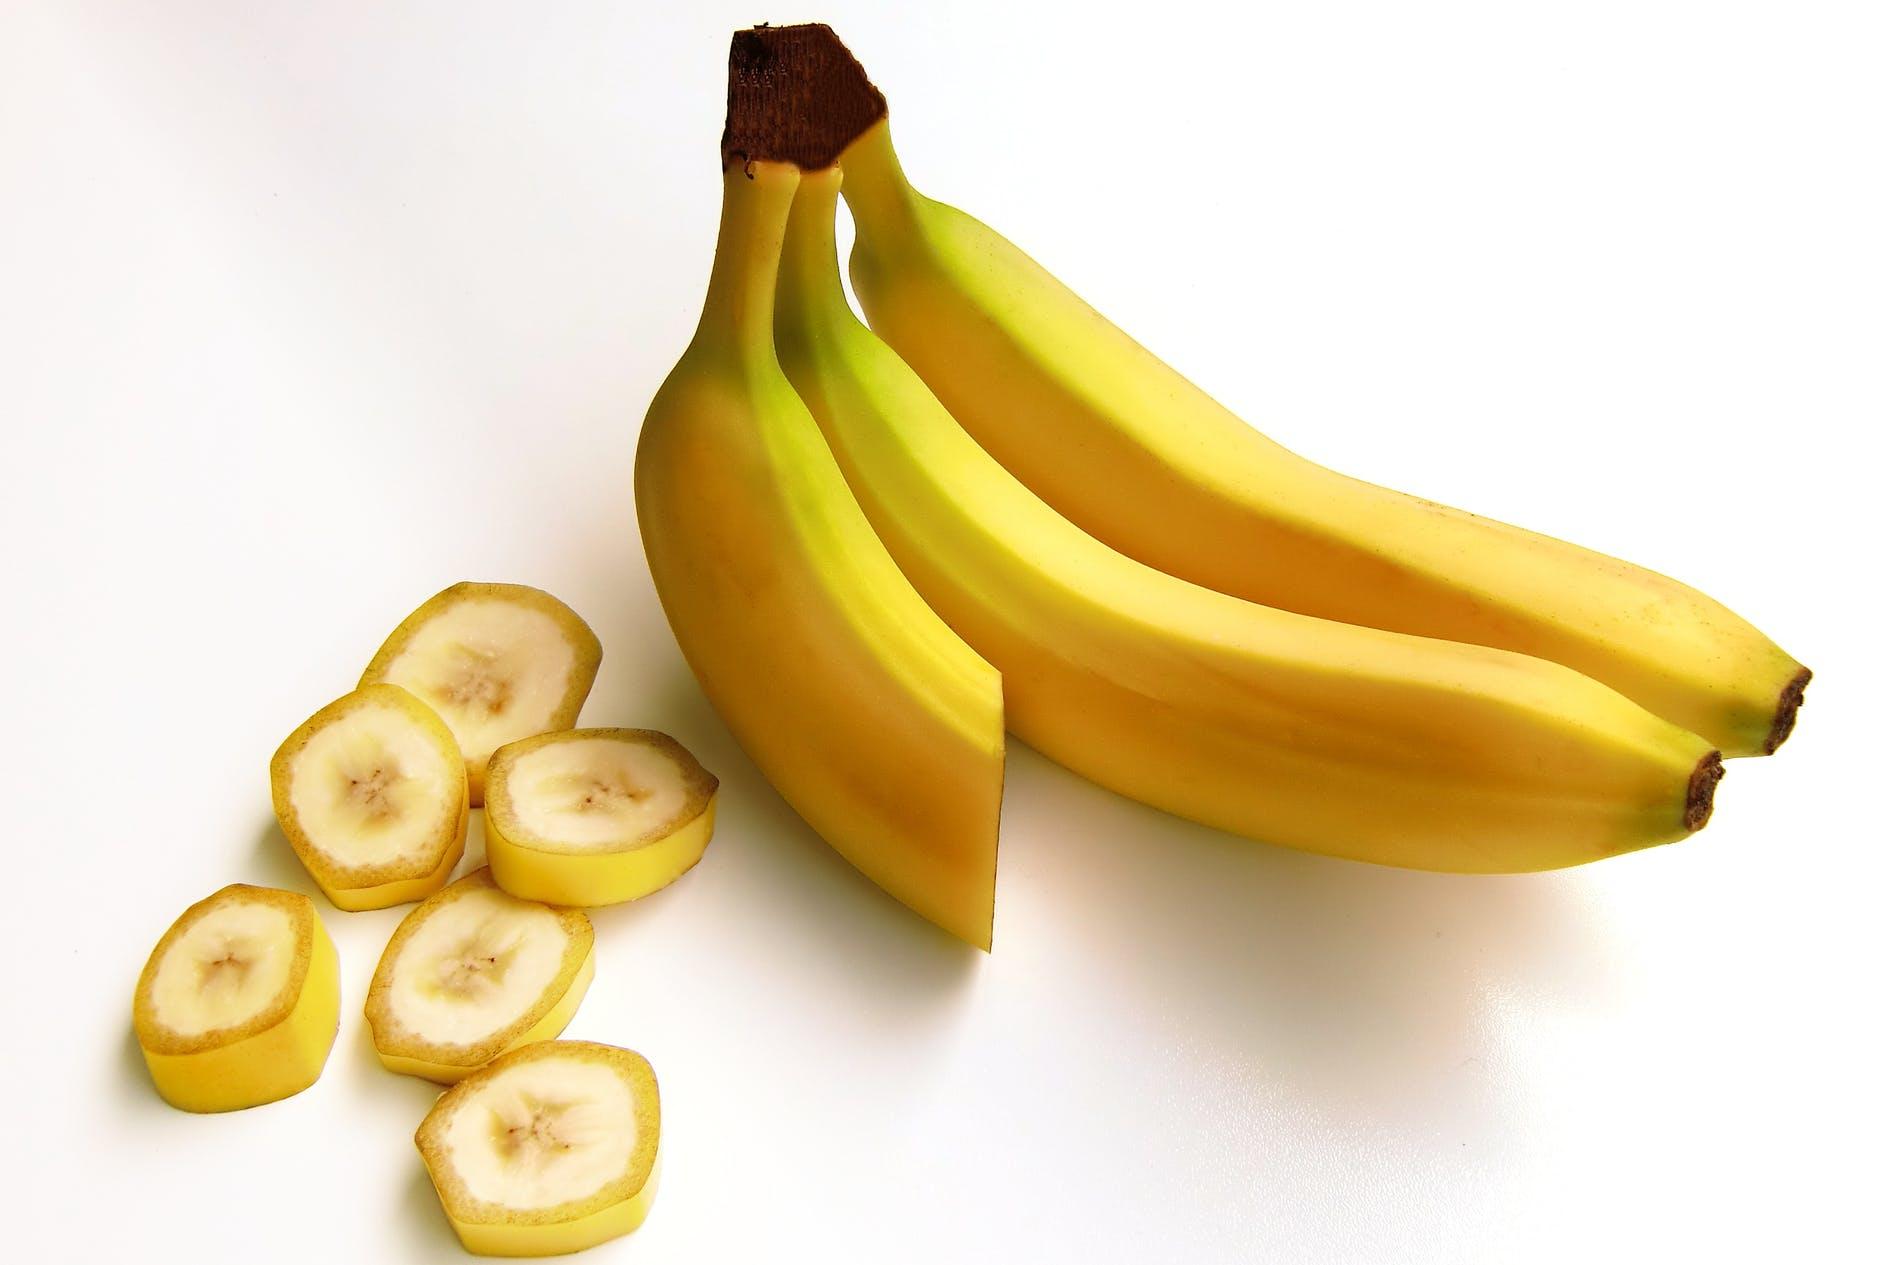 Los plátanos son la fruta por excelencia como snack de pre ejercicio